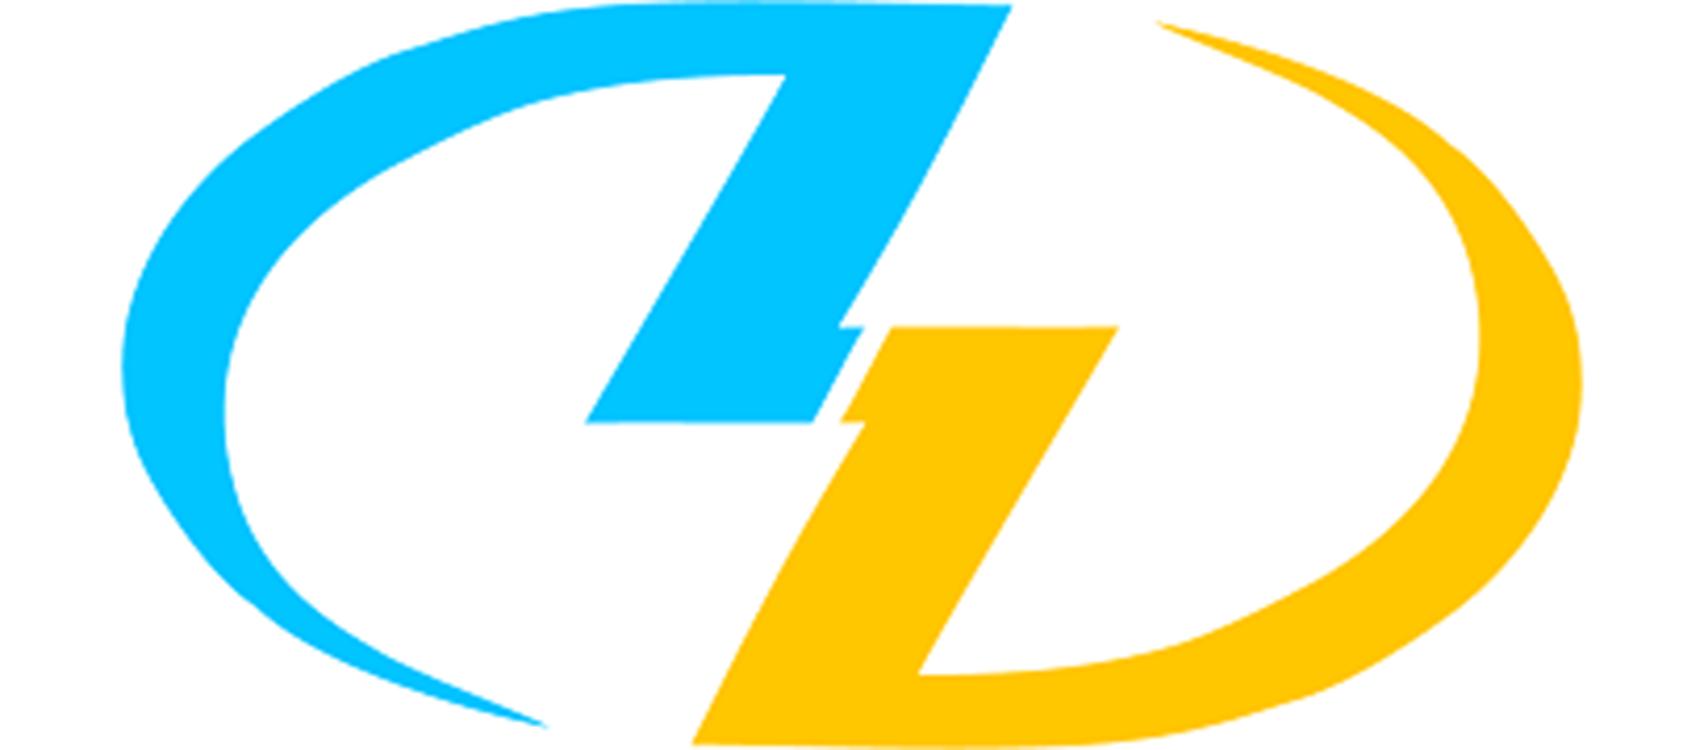 ПАТ «Запоріжжяобленерго» - Мелітопольський міський РЕМ (за послуги до 31.12.2018)